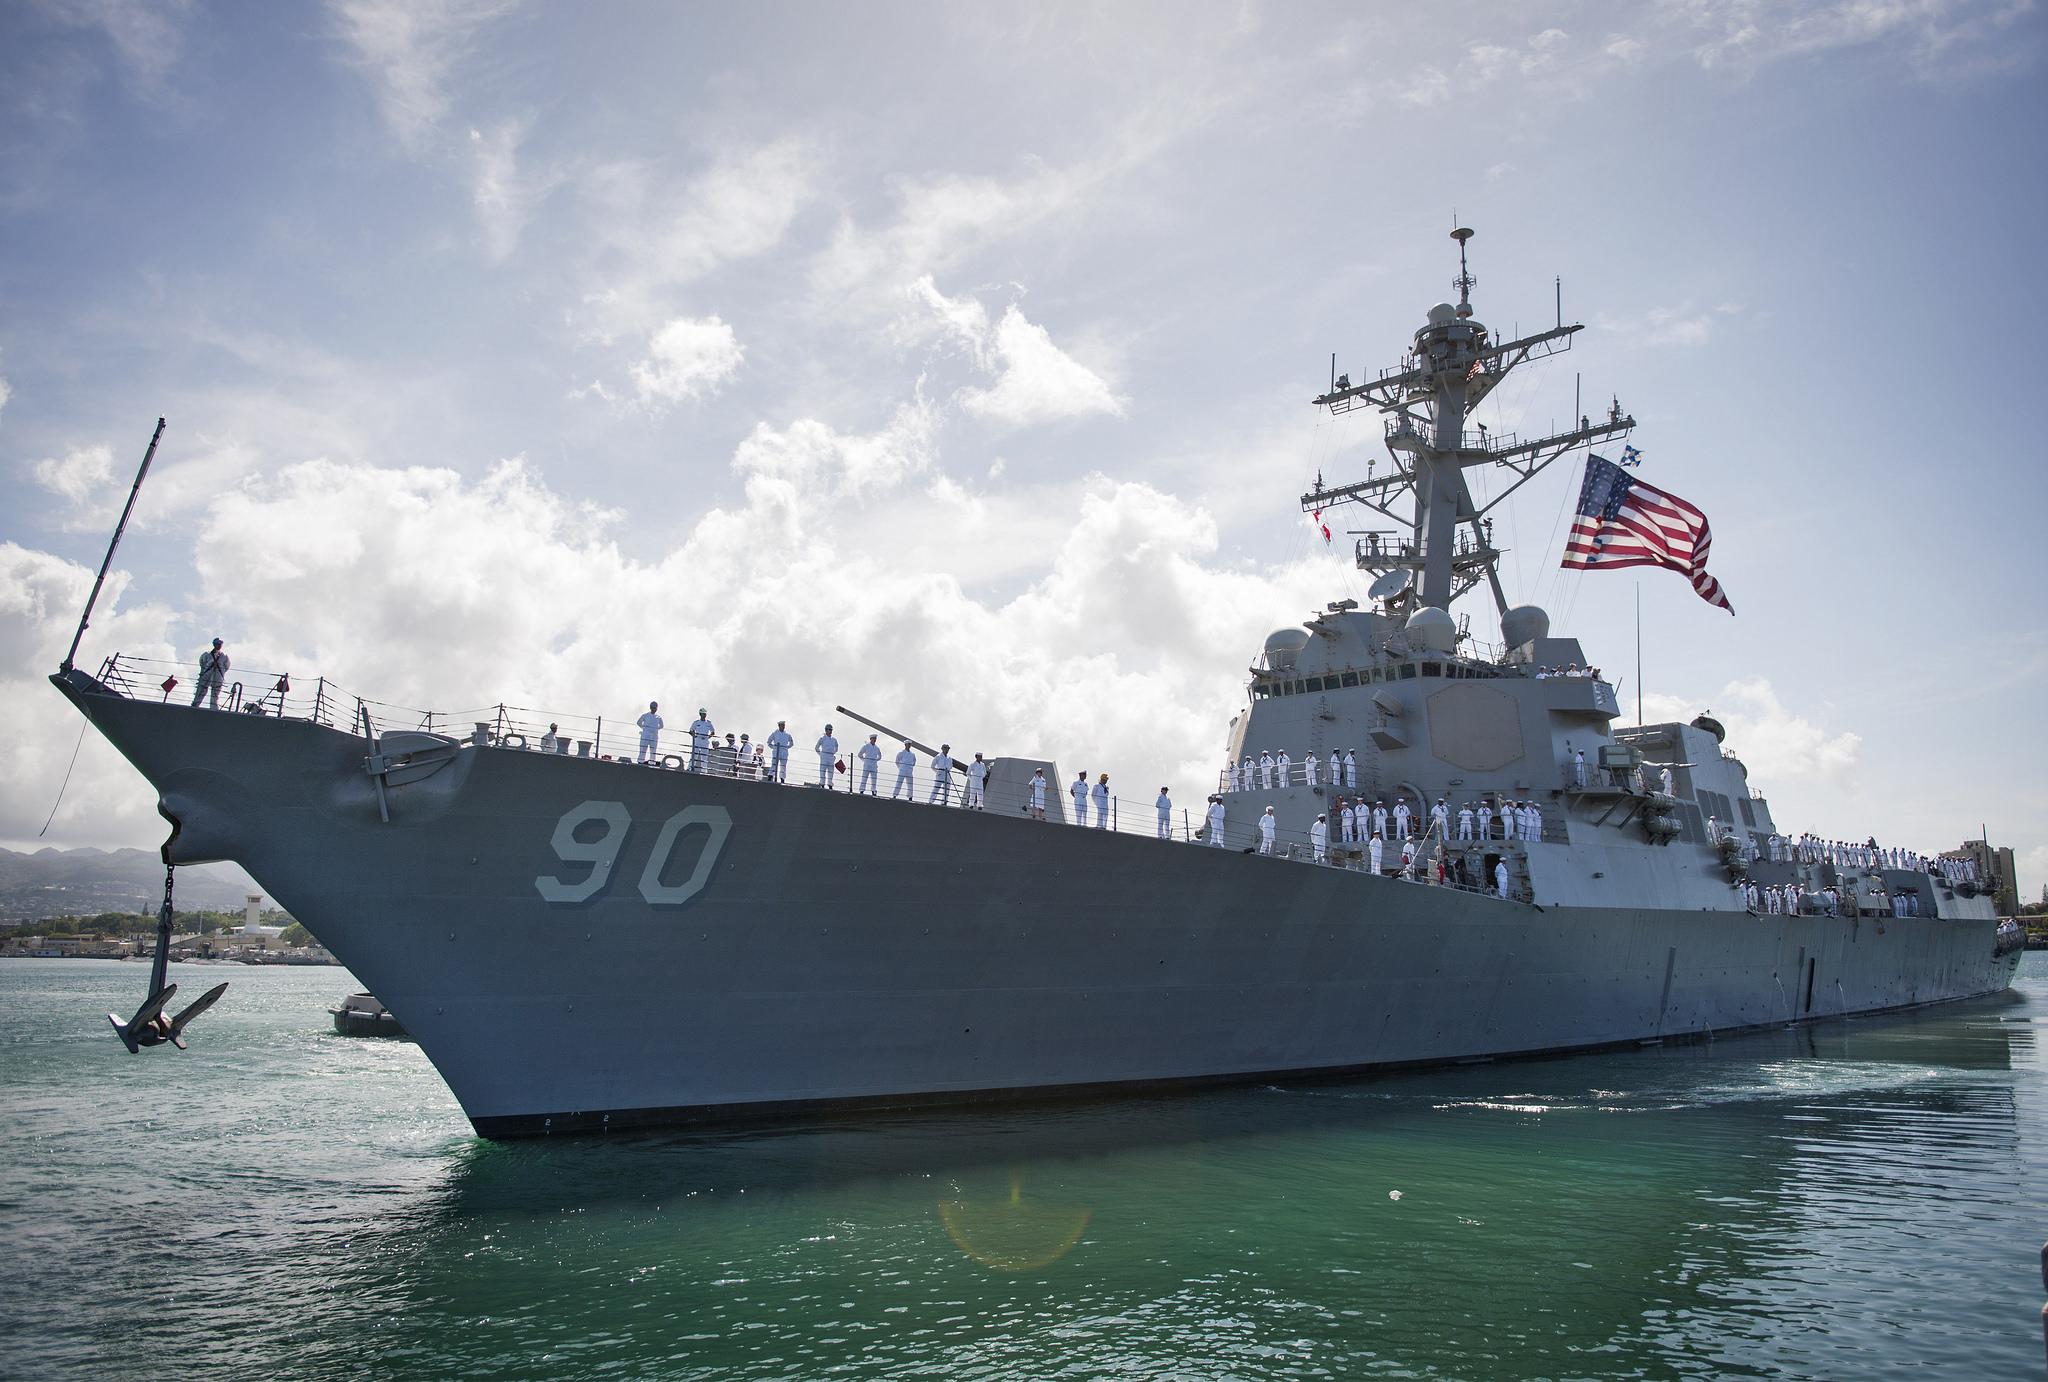 «Позор»: пользователи Сети прокомментировали инцидент с эсминцем ВМС США